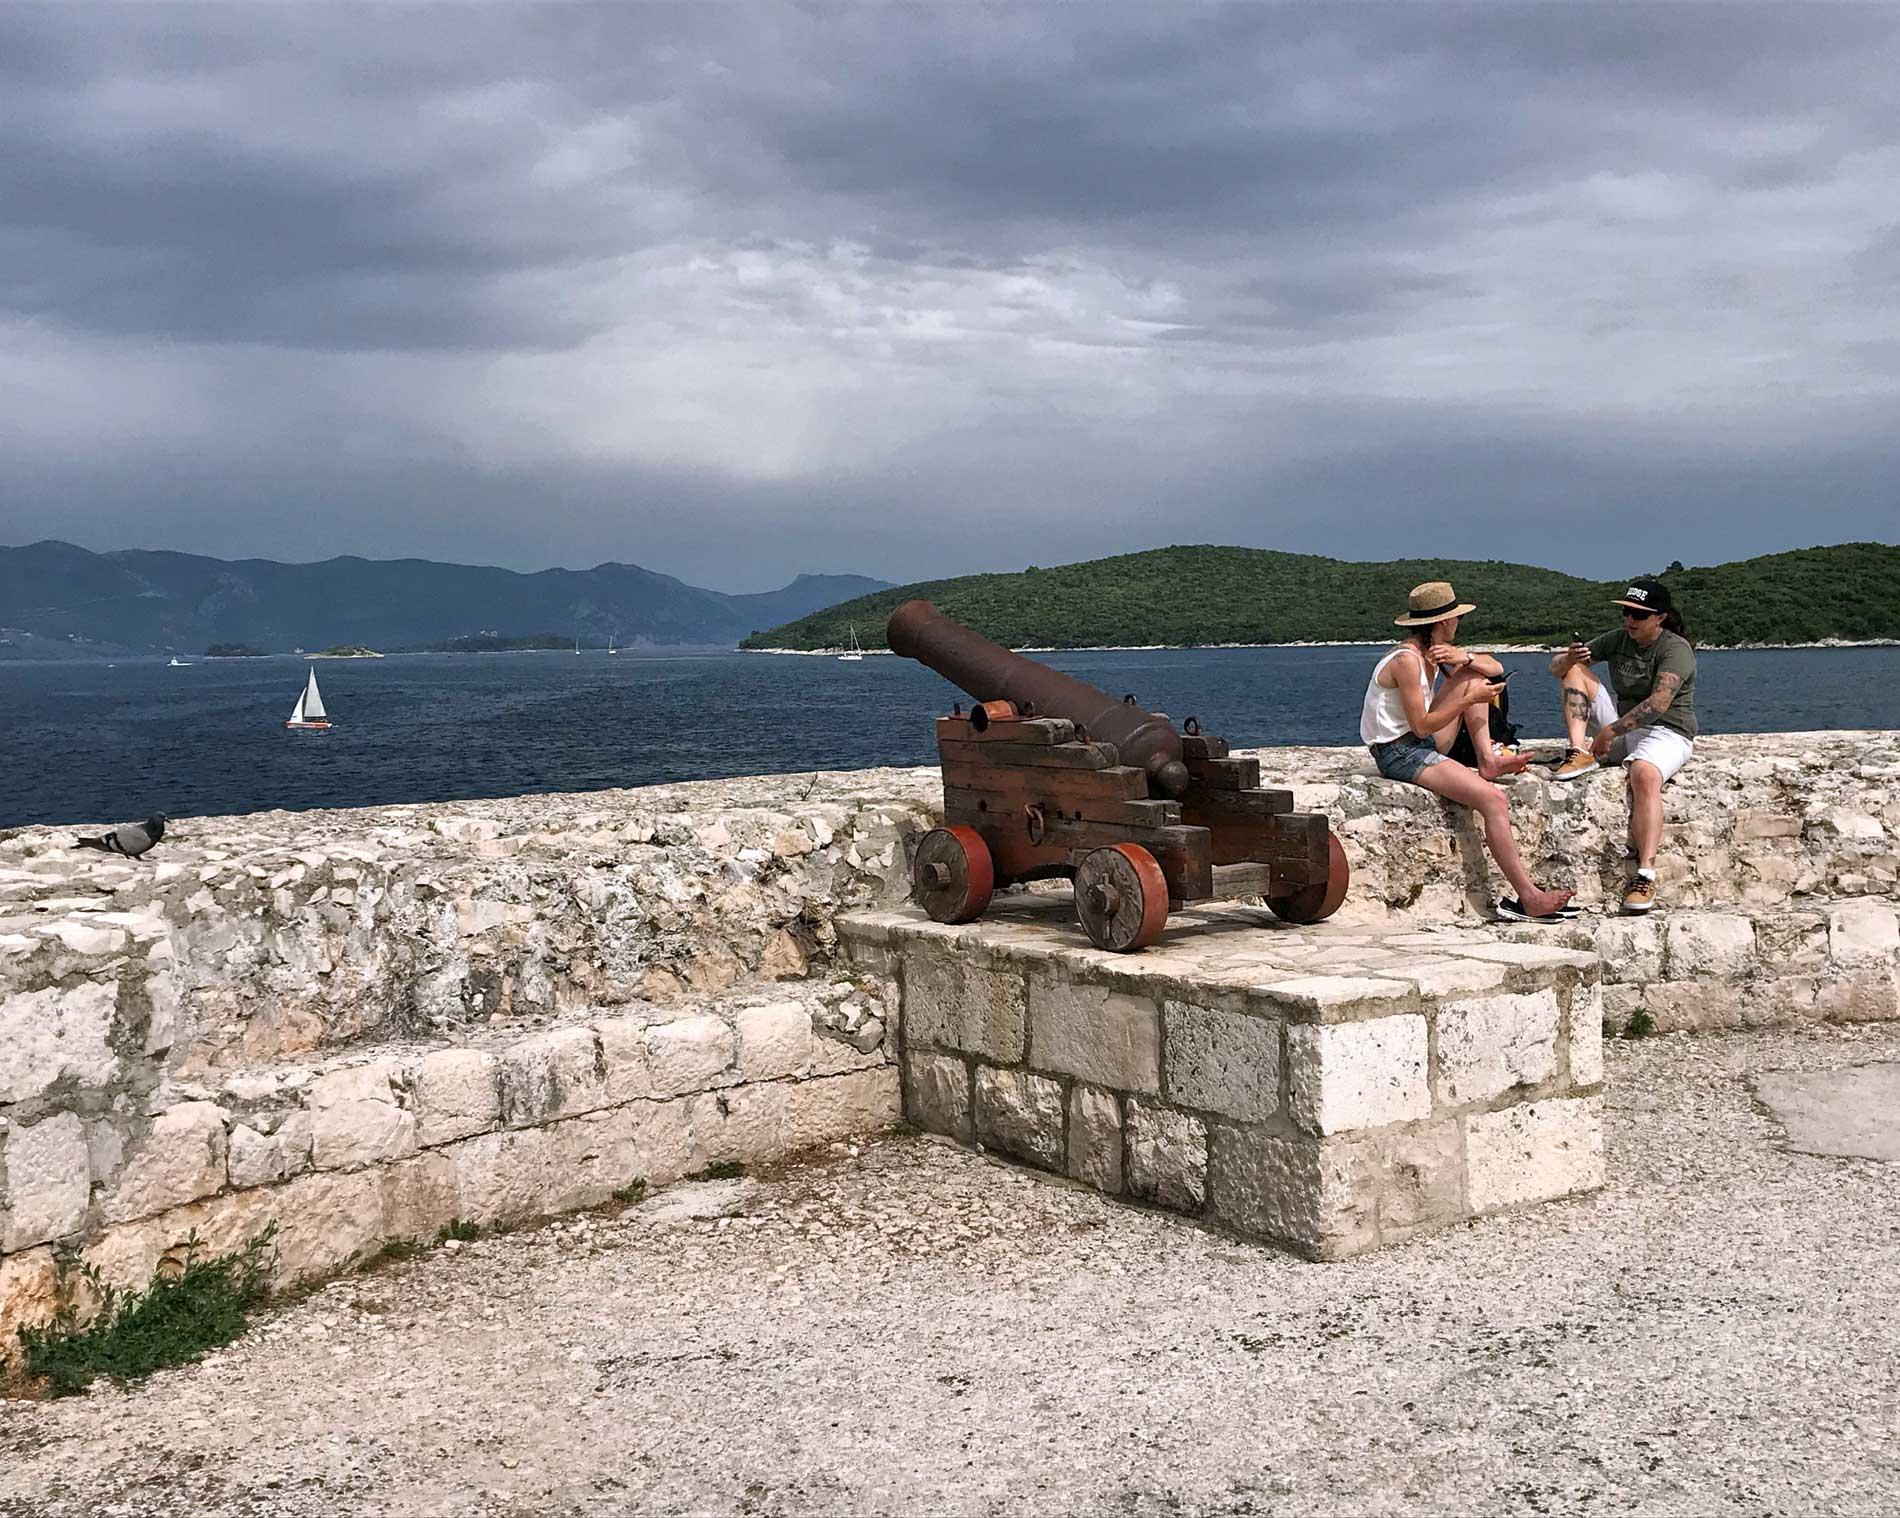 Korcula-Croazia-bastione-cannoni-ragazzi-mare